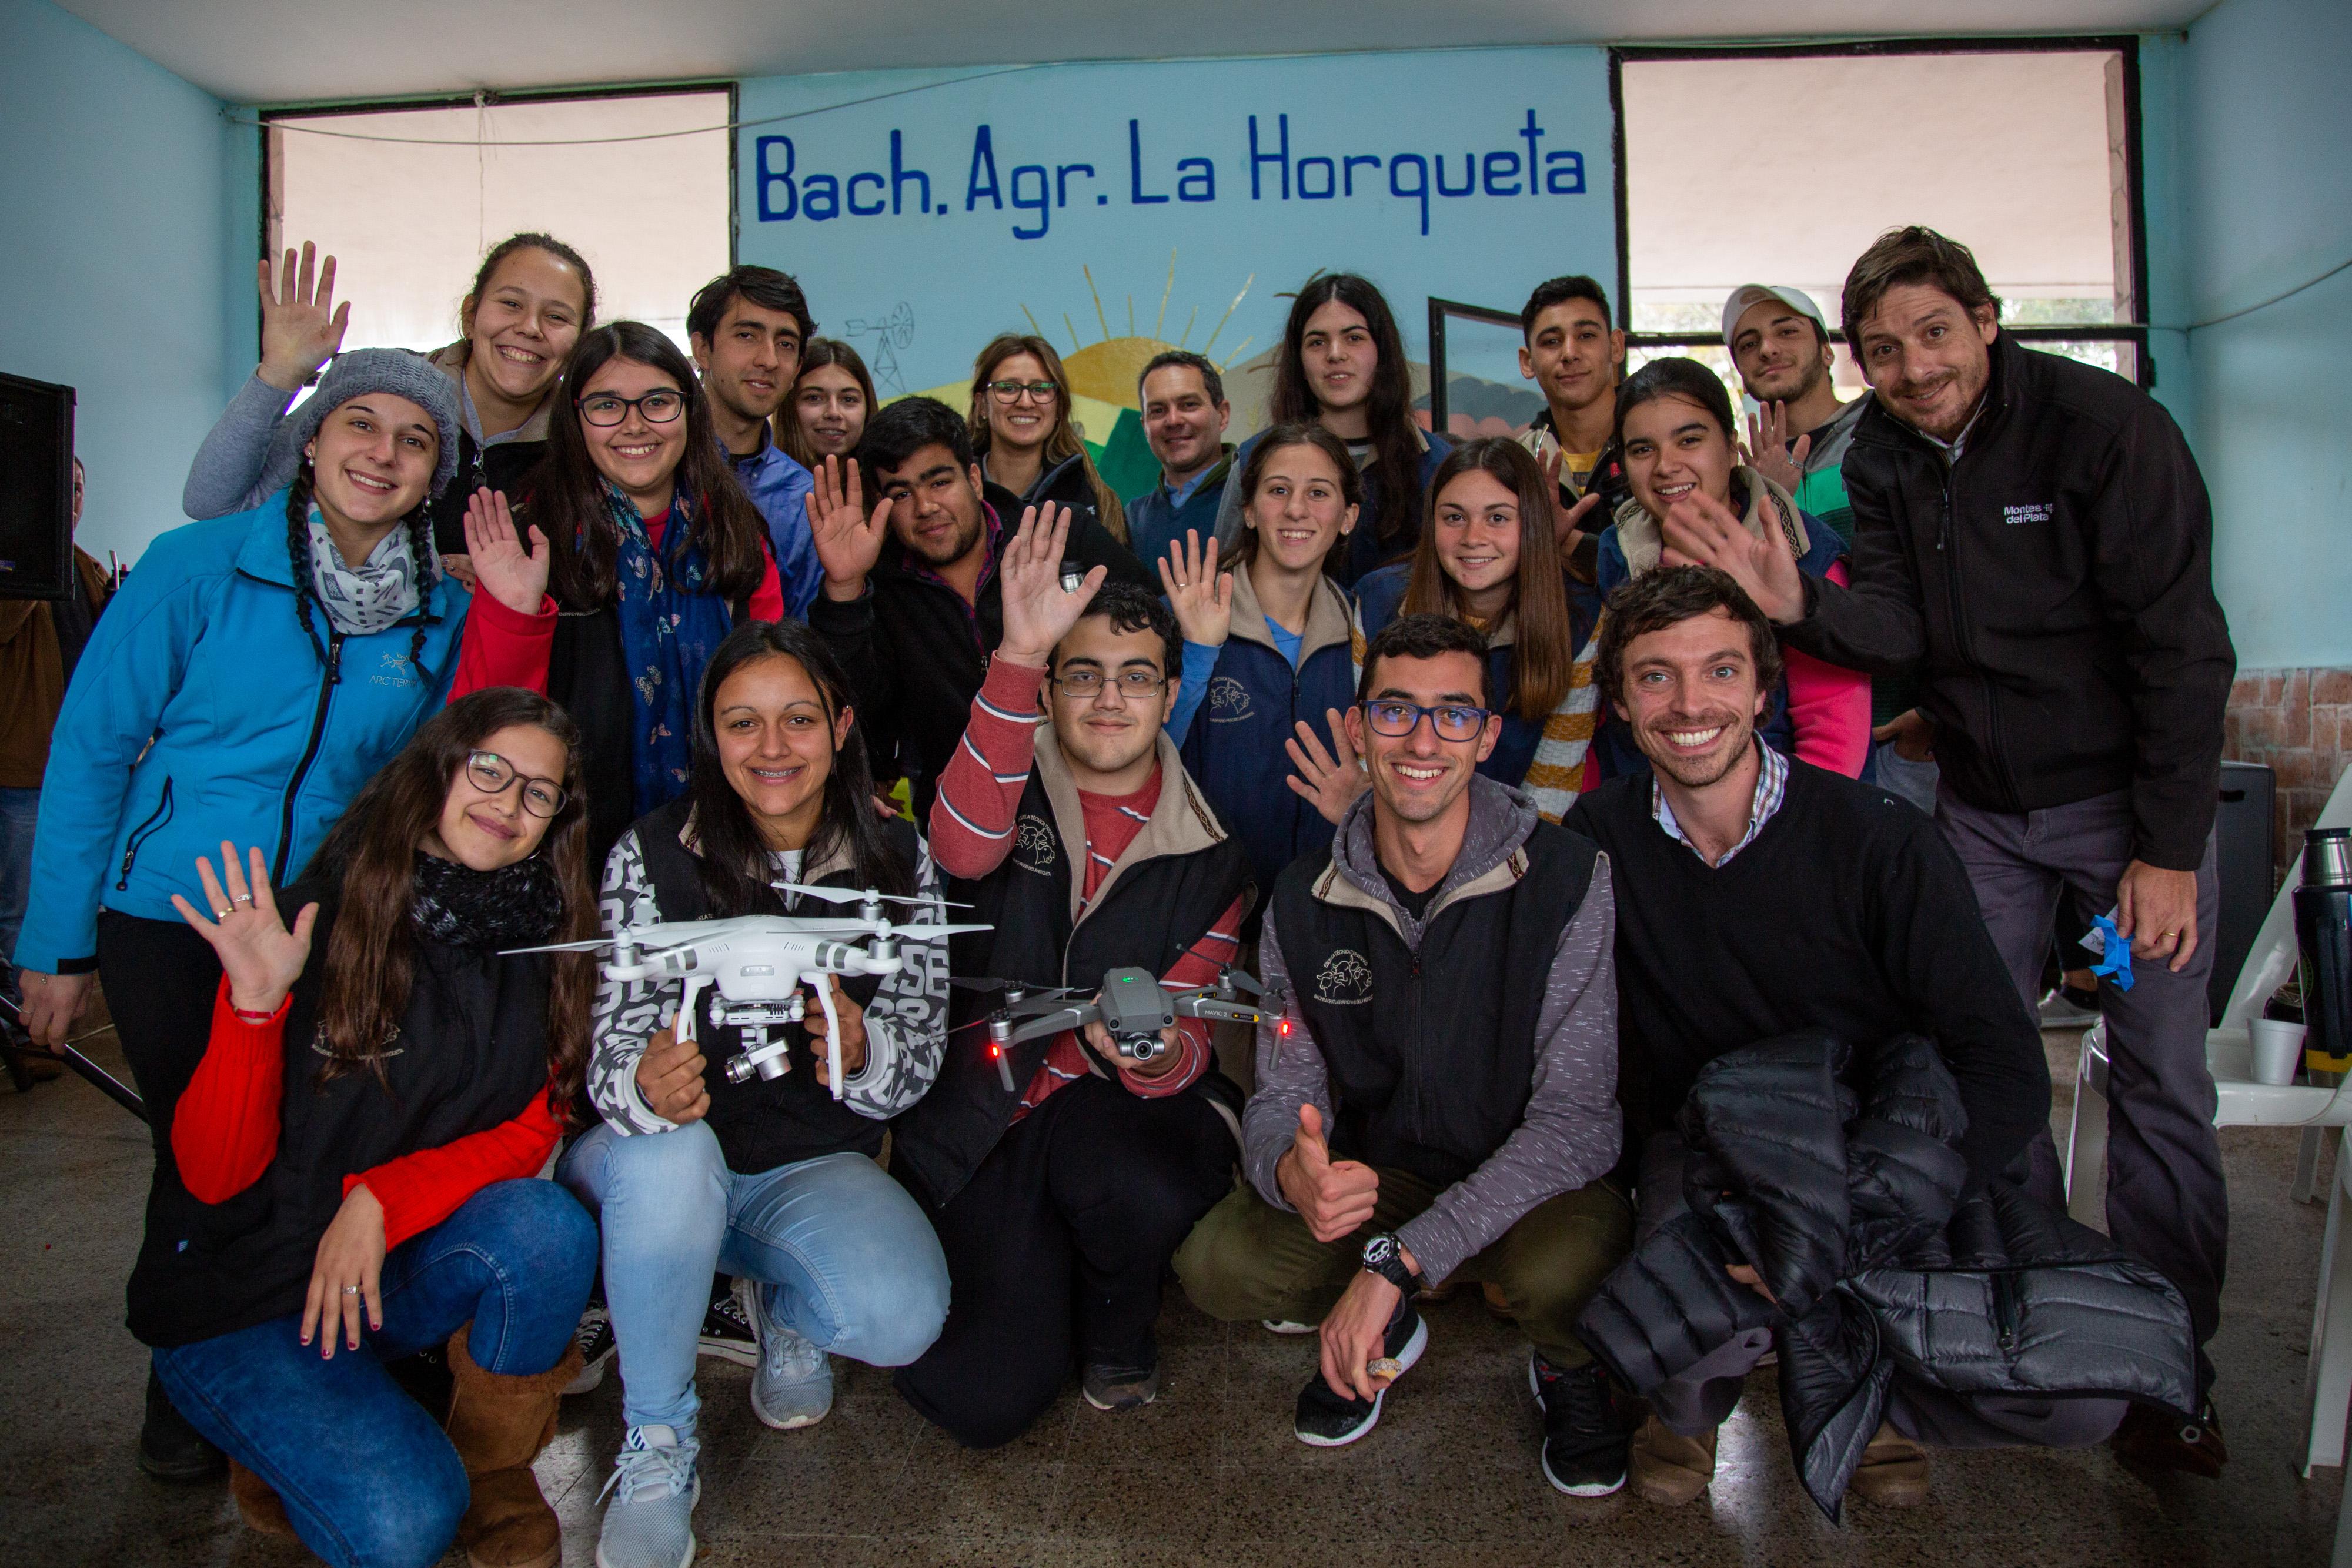 Montes del Plata apoyó al Bachillerato Agrario La Horqueta en proyecto de drones aplicados al agro